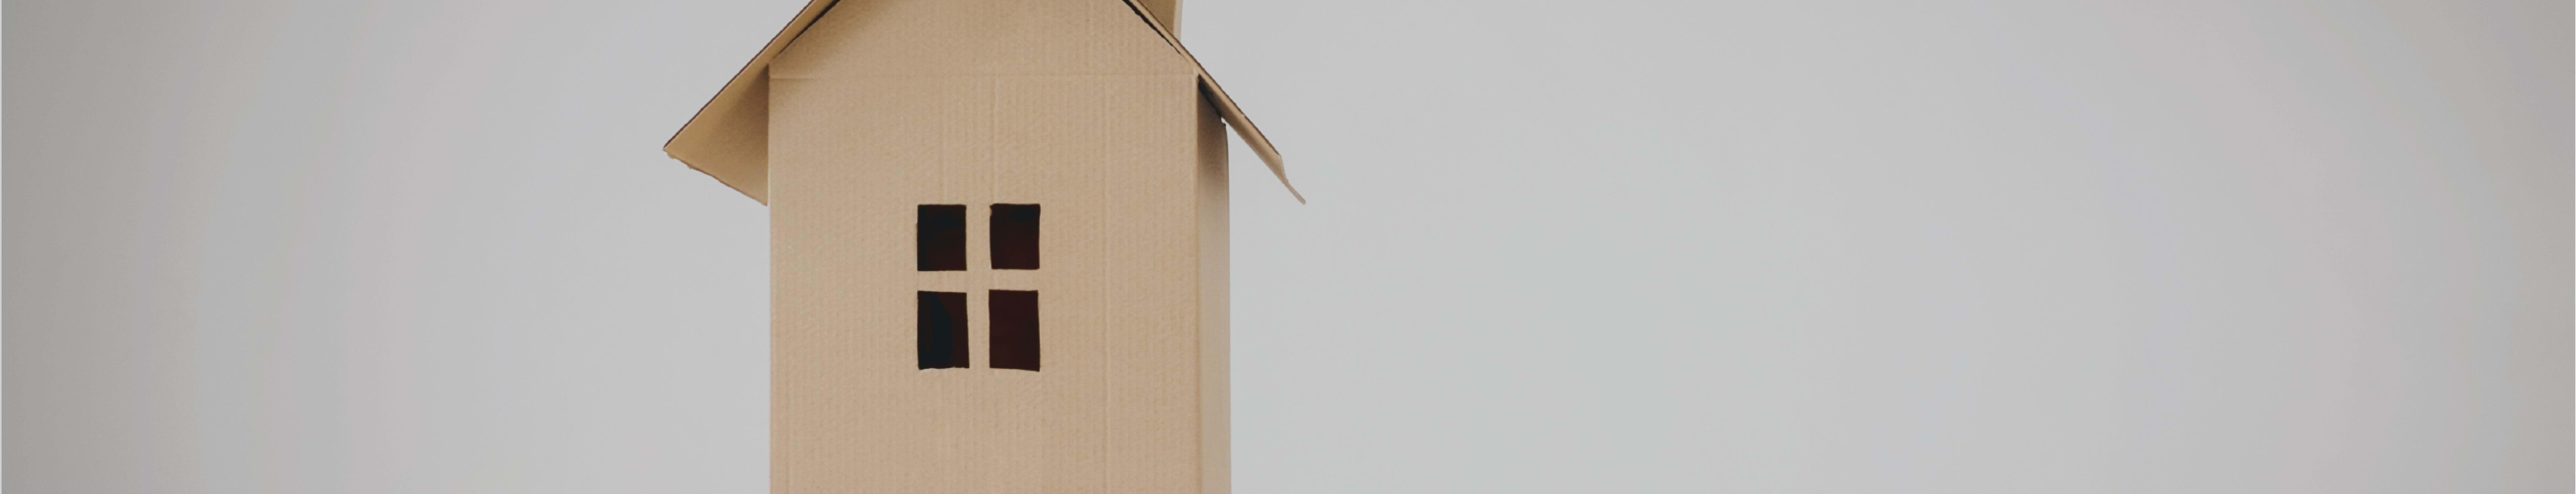 conclure l 39 achat le r gime de la s paration de biens. Black Bedroom Furniture Sets. Home Design Ideas